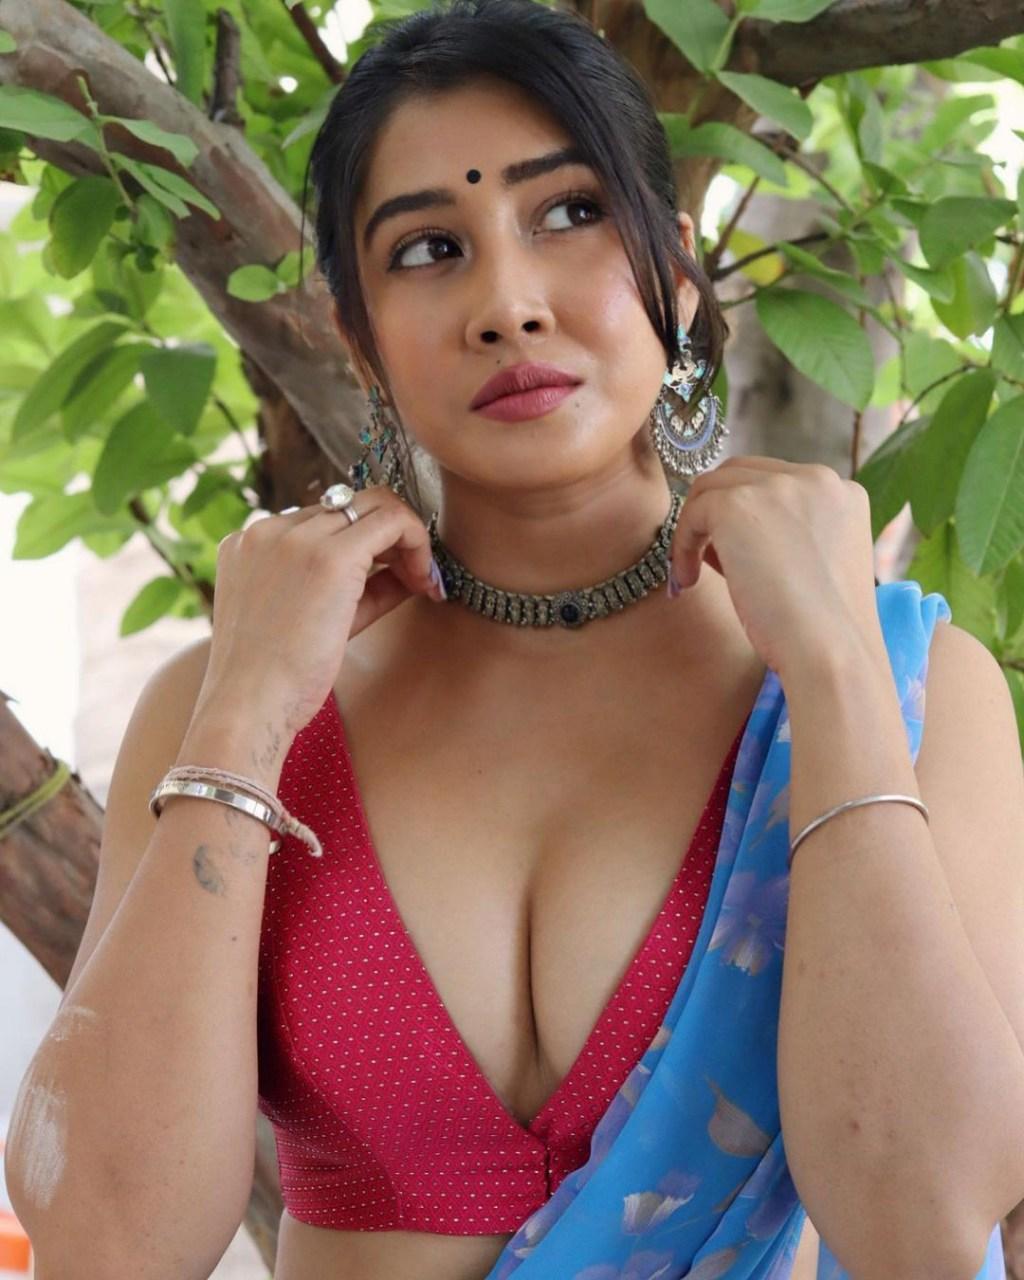 Model Actress Sofia Ansari Latest Hot Photos in Saree